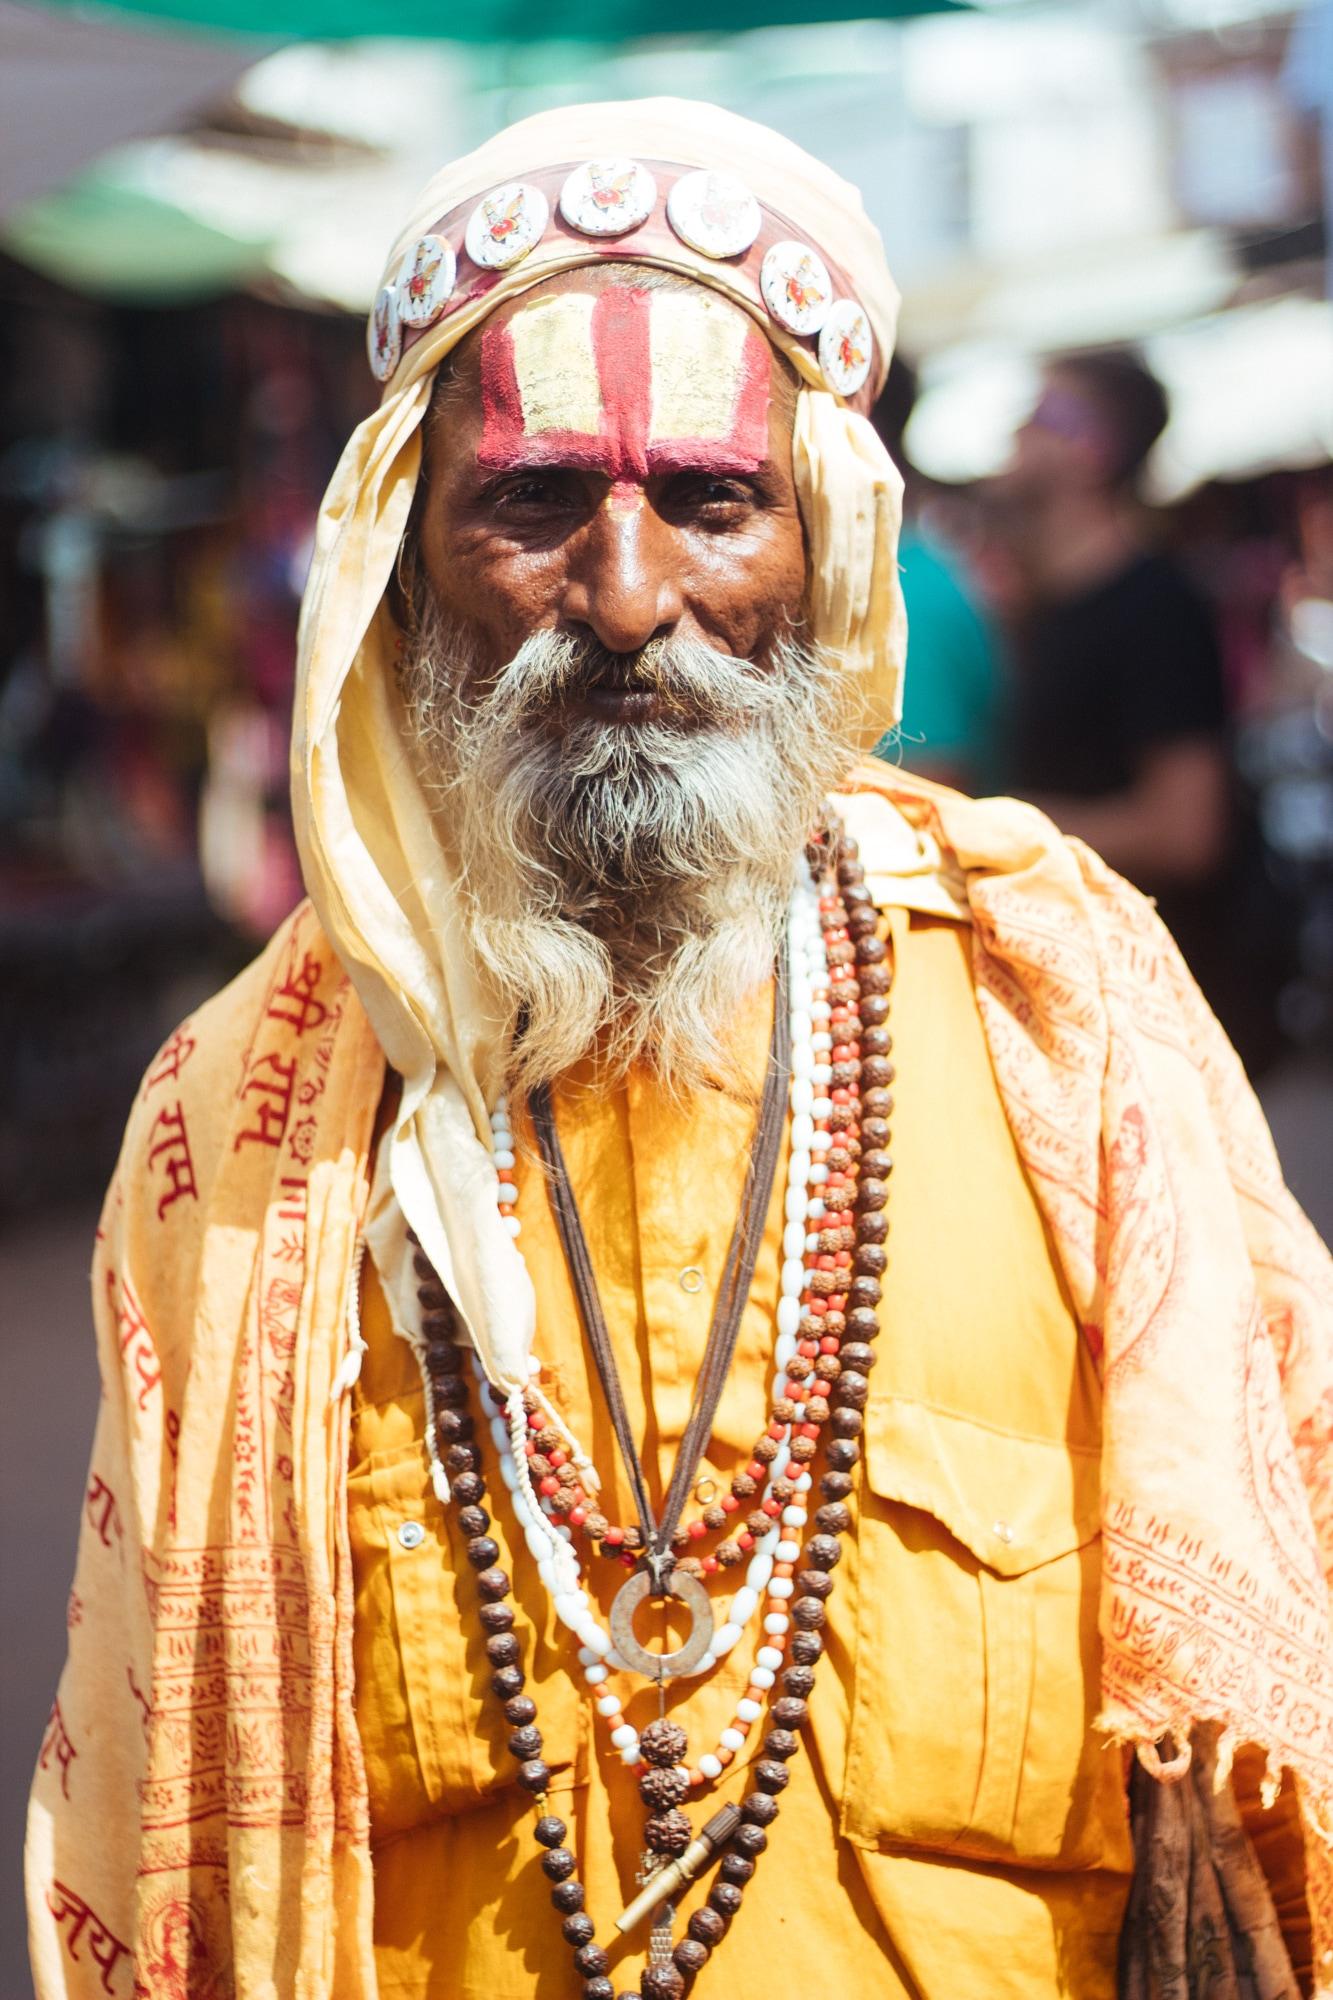 A sadhu in Pushkar